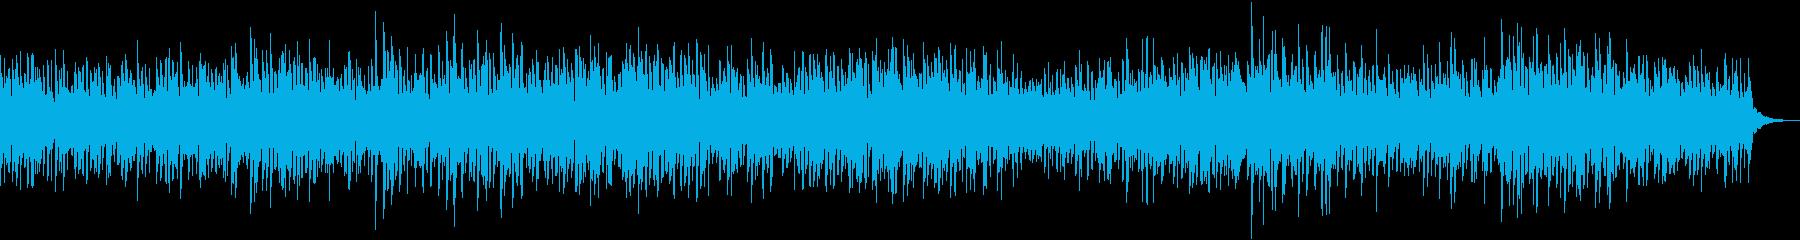 アクアリウム・熱帯魚/癒しのシンセBGMの再生済みの波形